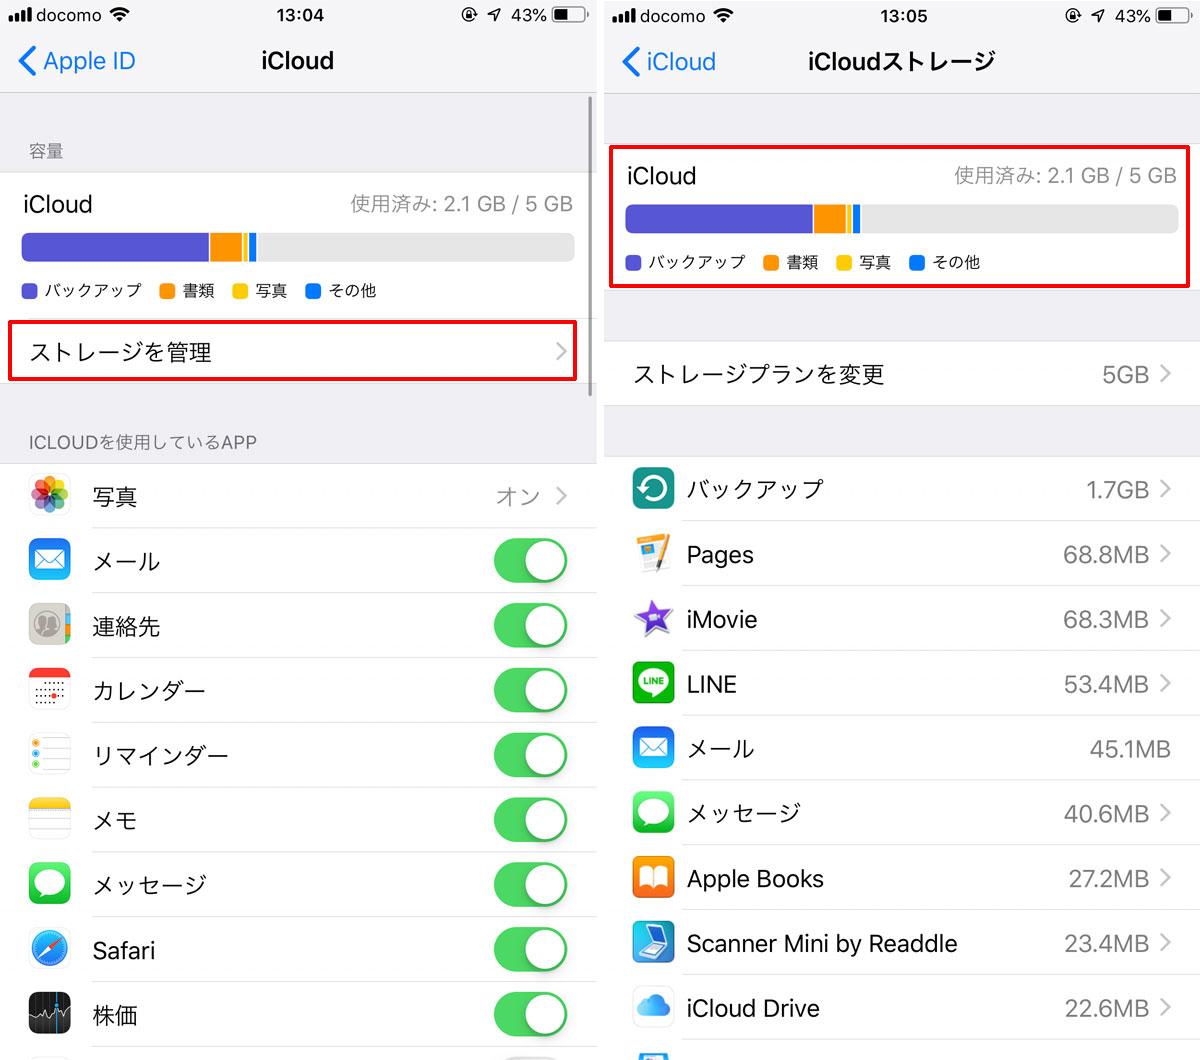 iCloudストレージにバックアップを取るだけの容量があるか確認